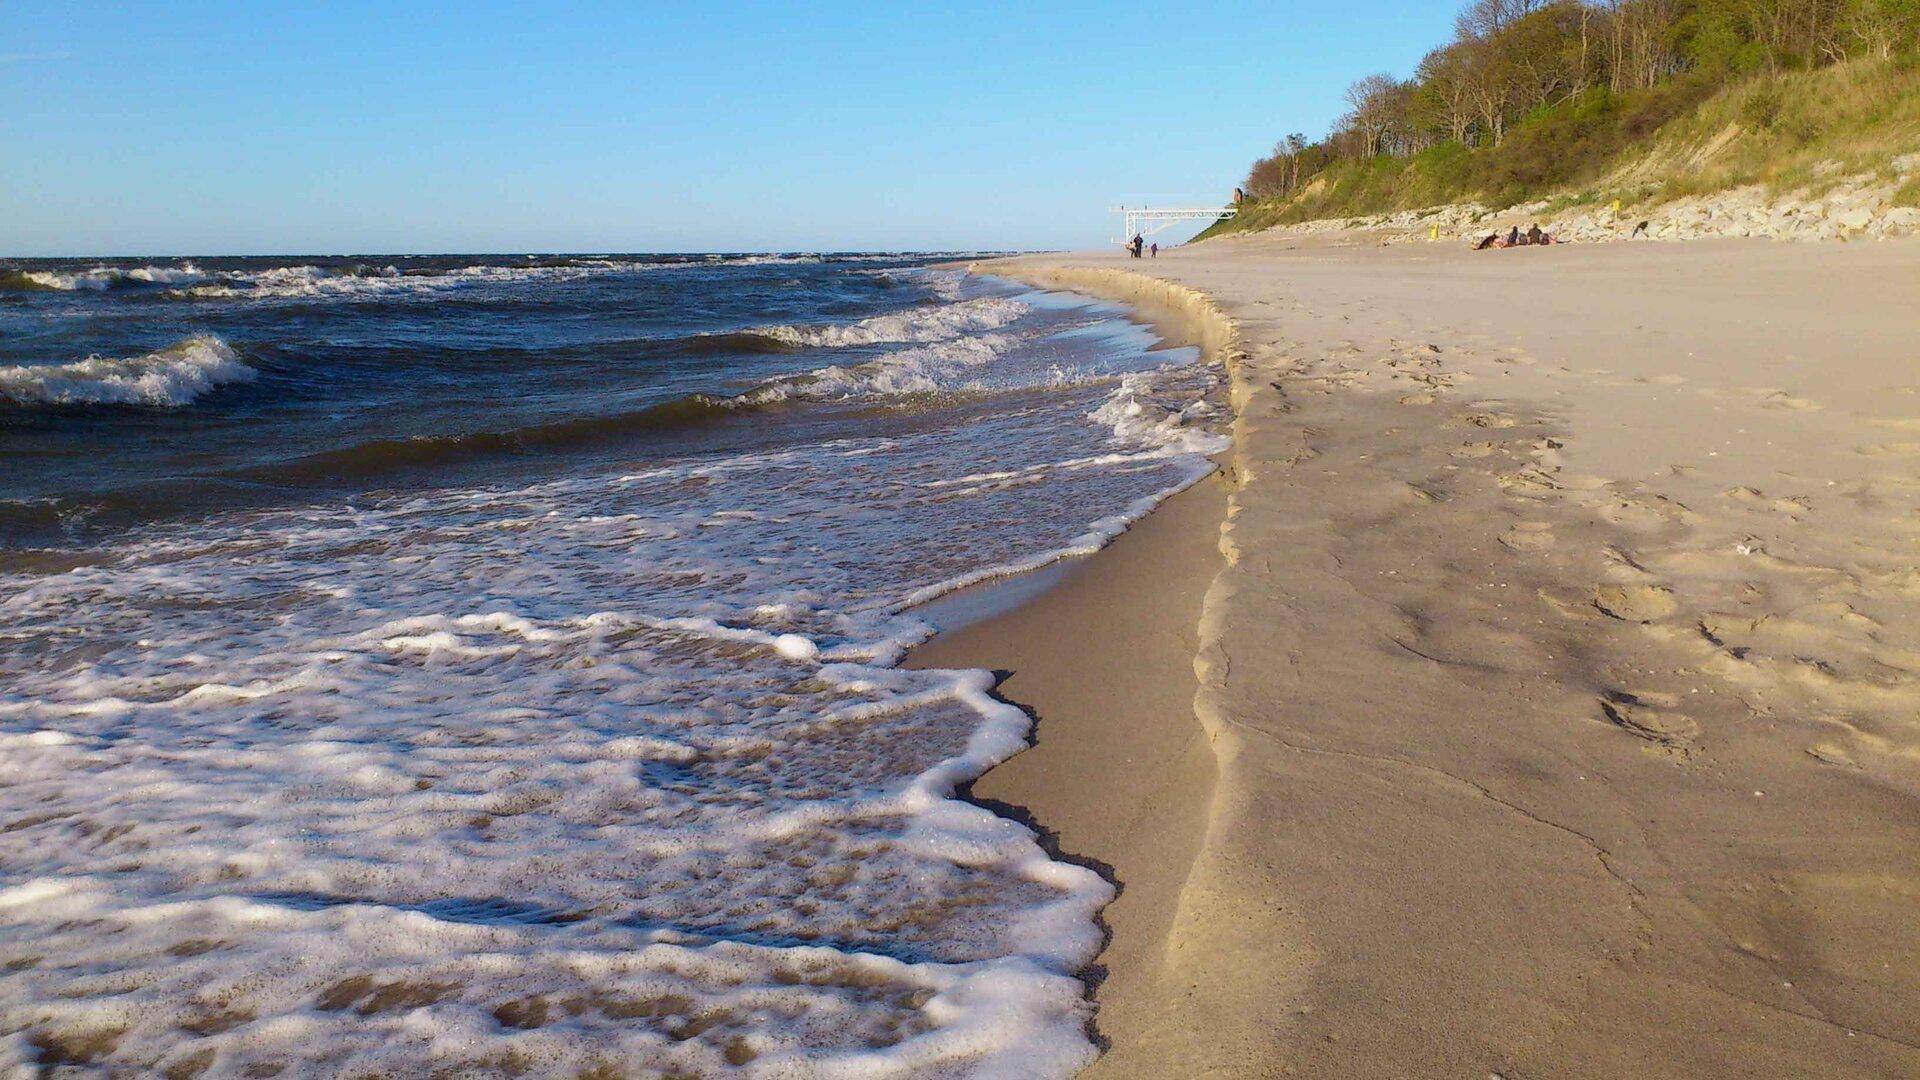 Na zdjęciu brzeg morza, fale, piaszczysta plaża, niewysokie wydmy porośnięte trawami ilasem.